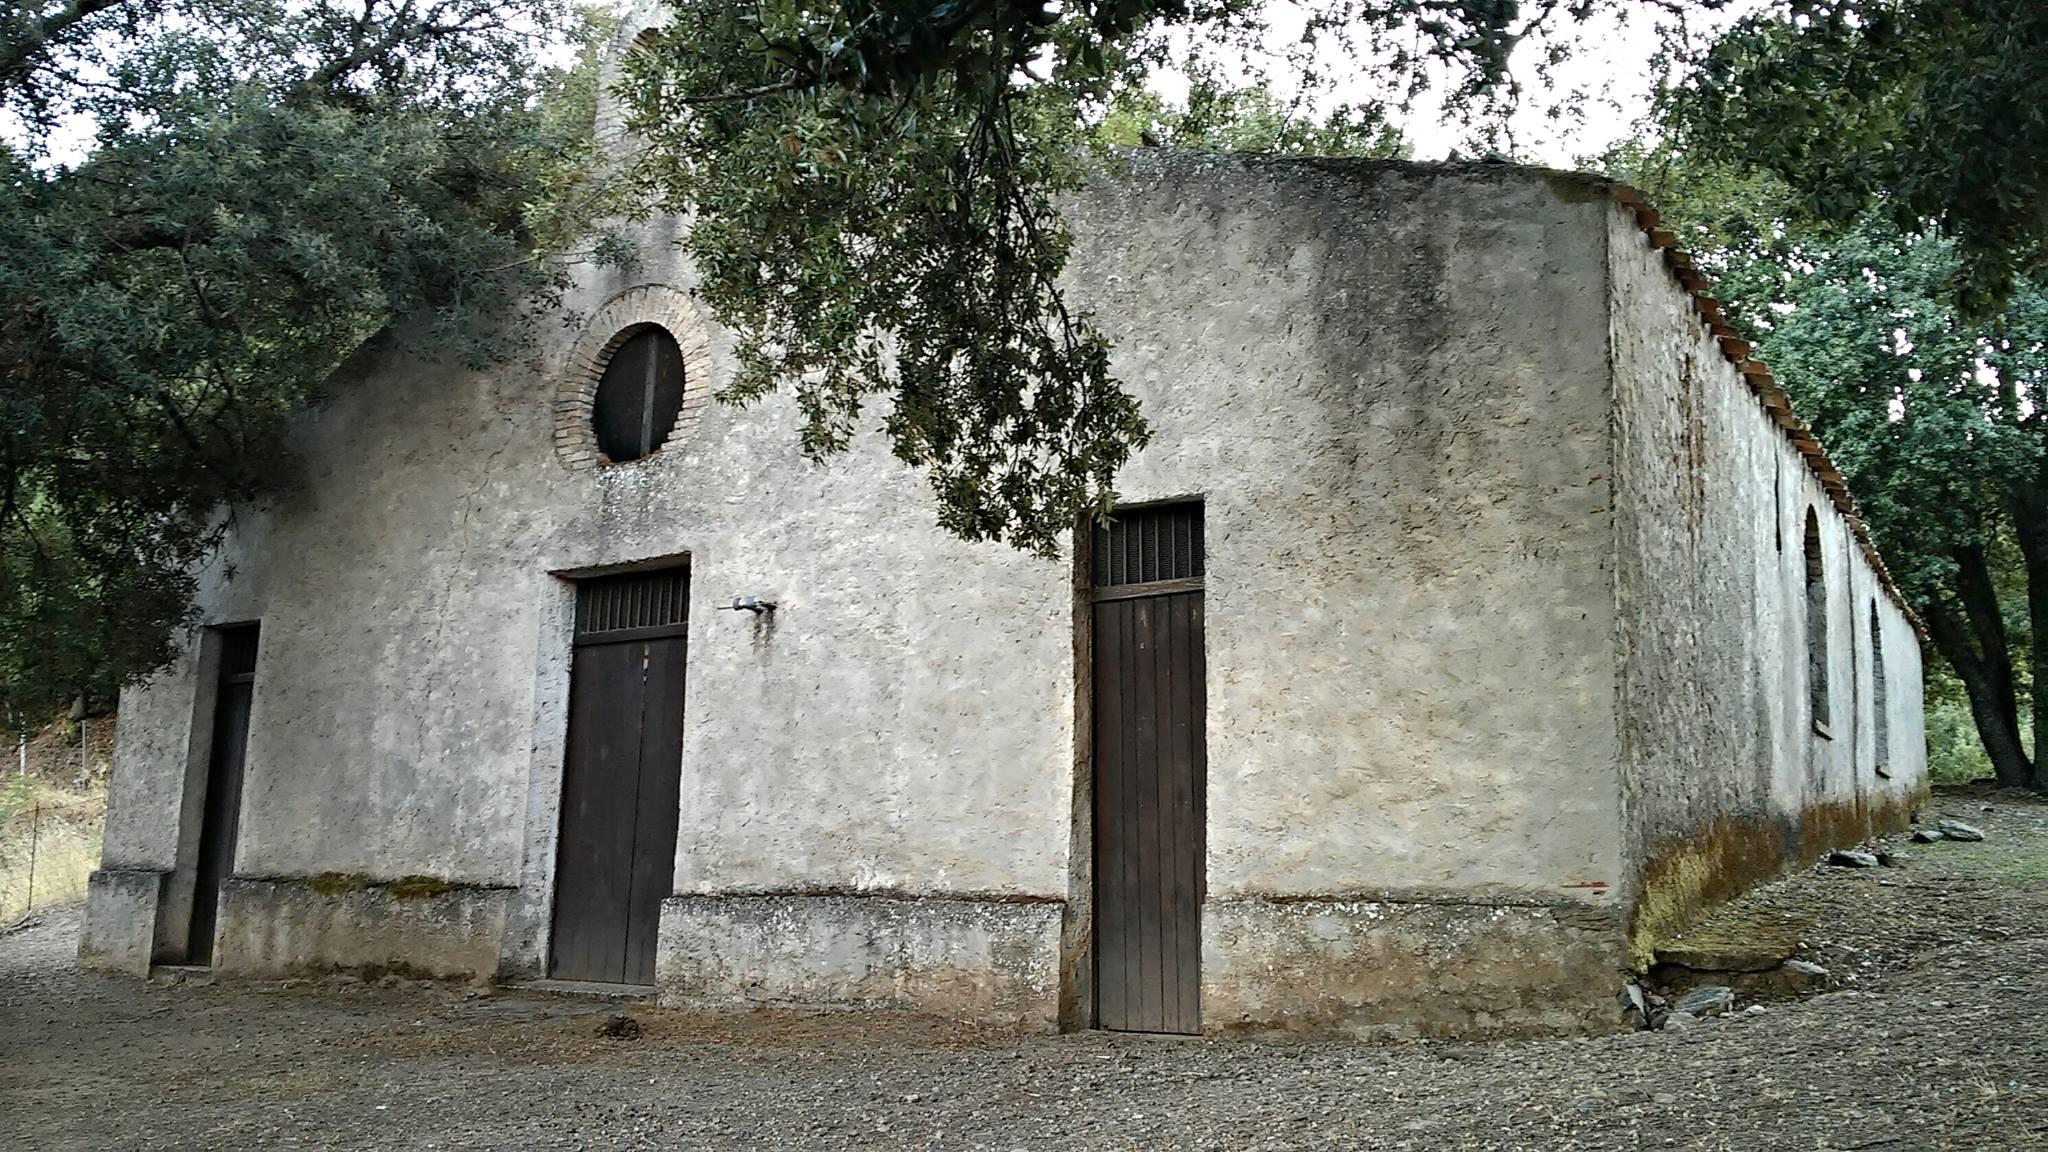 La chiesetta campestre di Santa Lucia, a Seui.